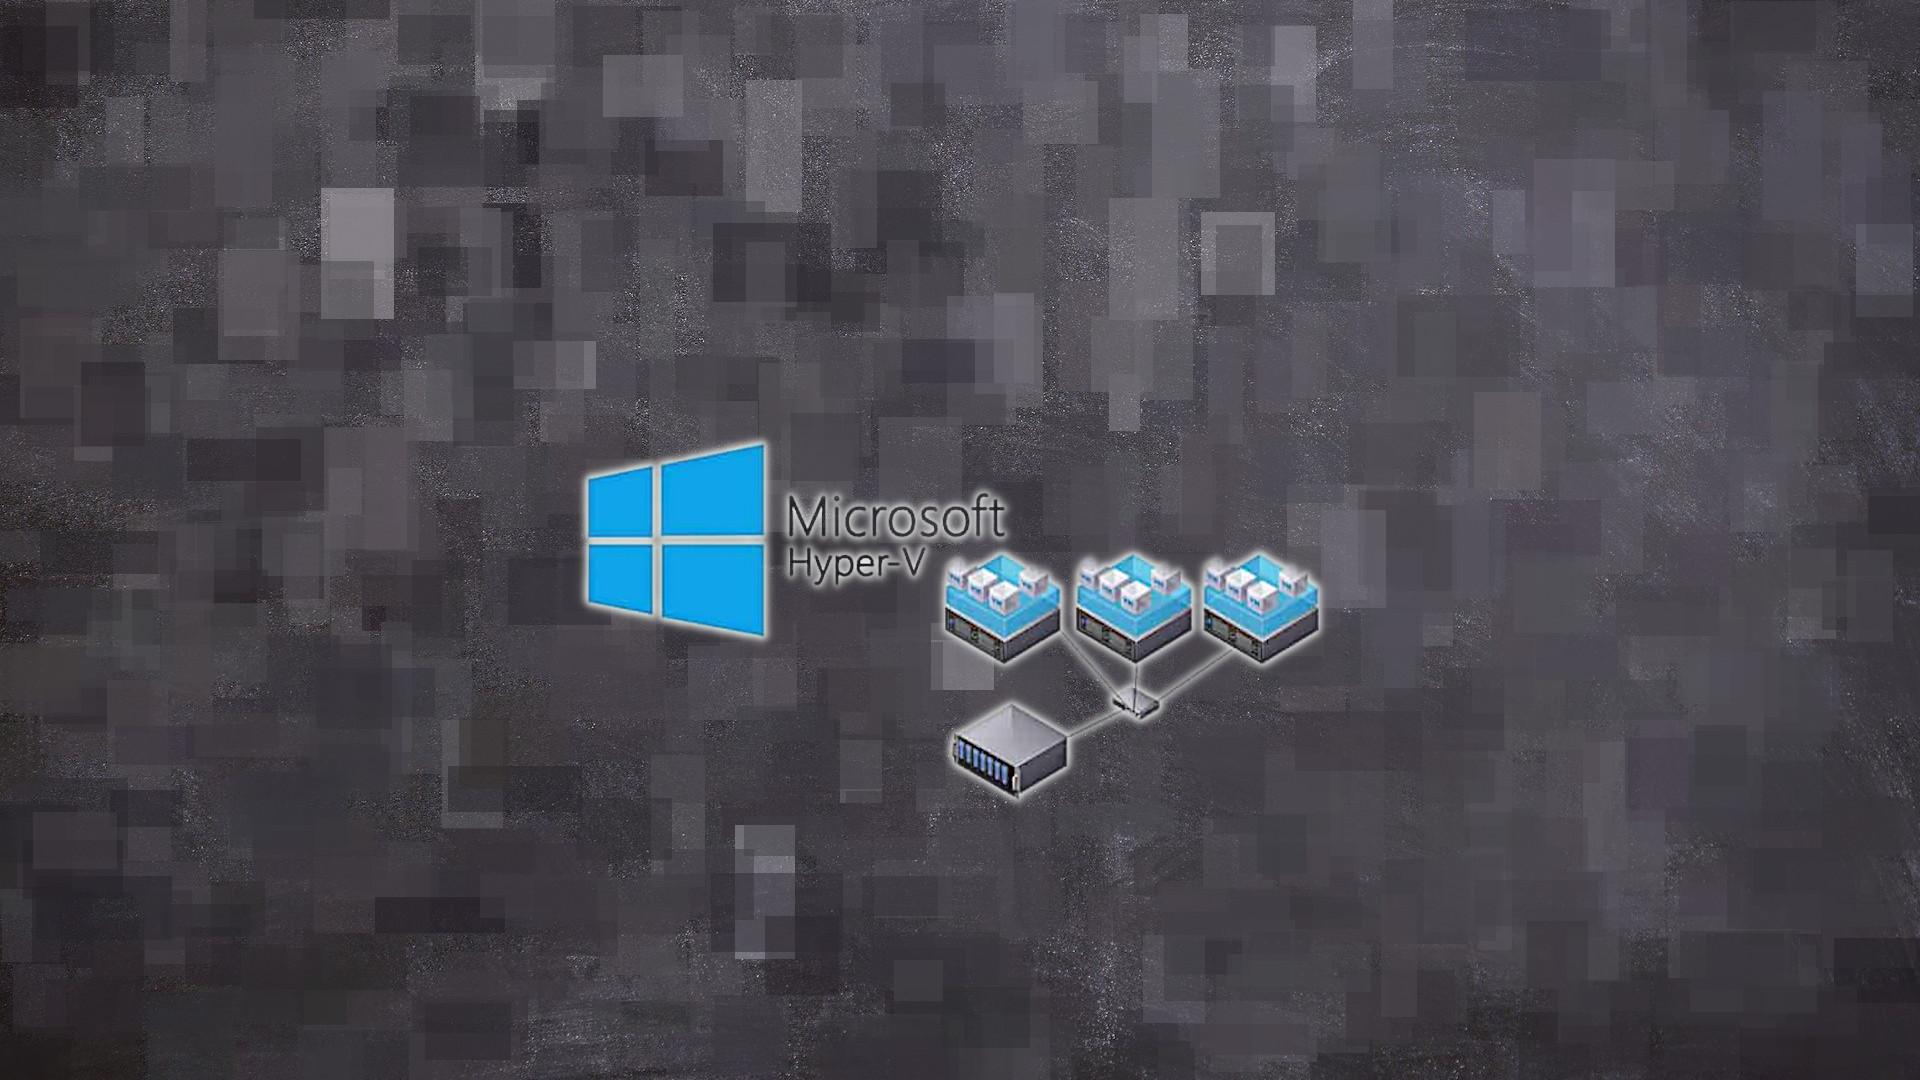 치명적인 Microsoft Hyper-V 버그가 조직을 오랫동안 괴롭힐 수 있음